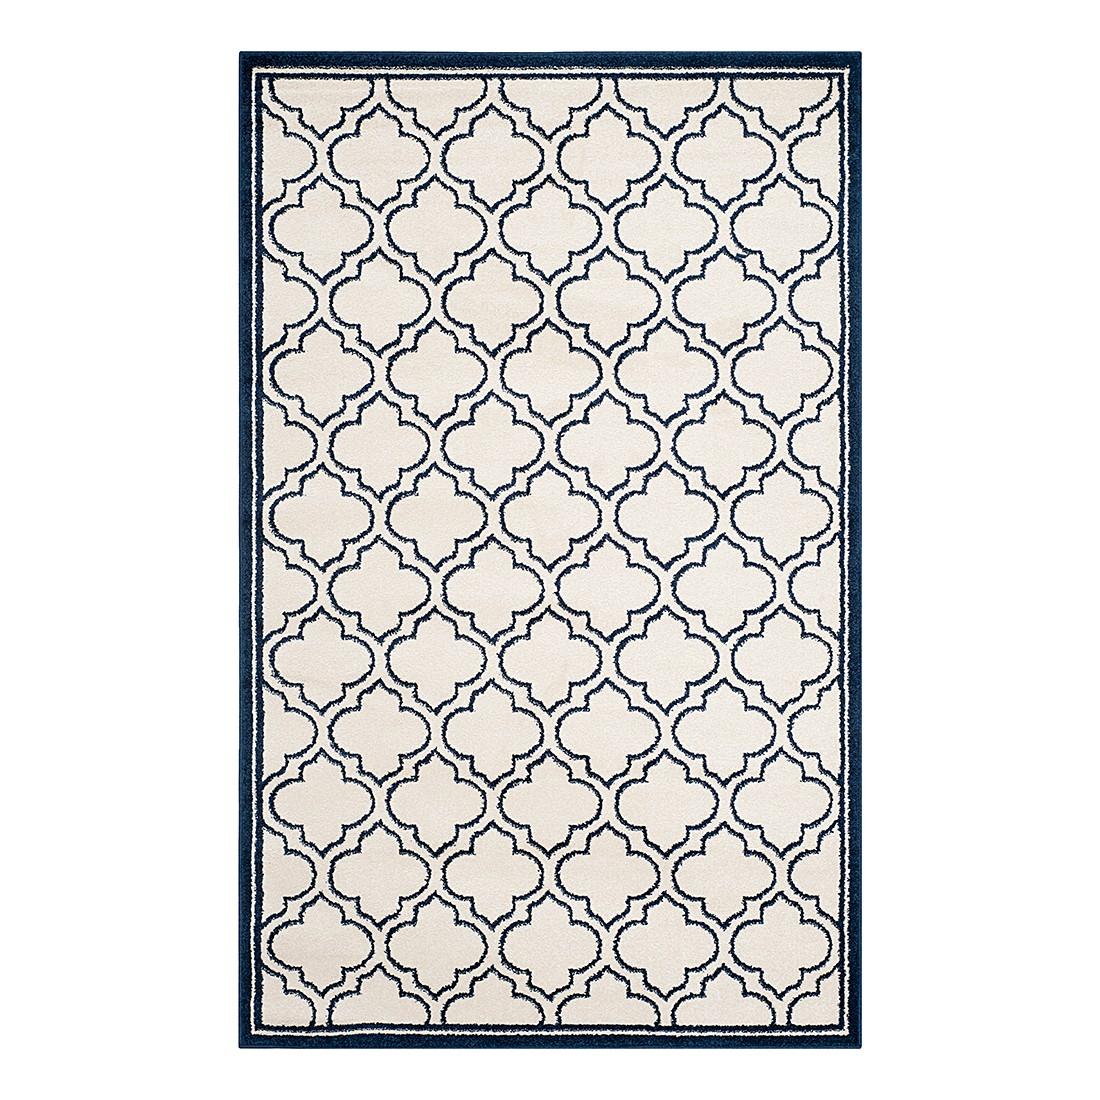 In-/Outdoorteppich La Salis – Creme/Marine – Maße: 91 x 152 cm, Safavieh online bestellen